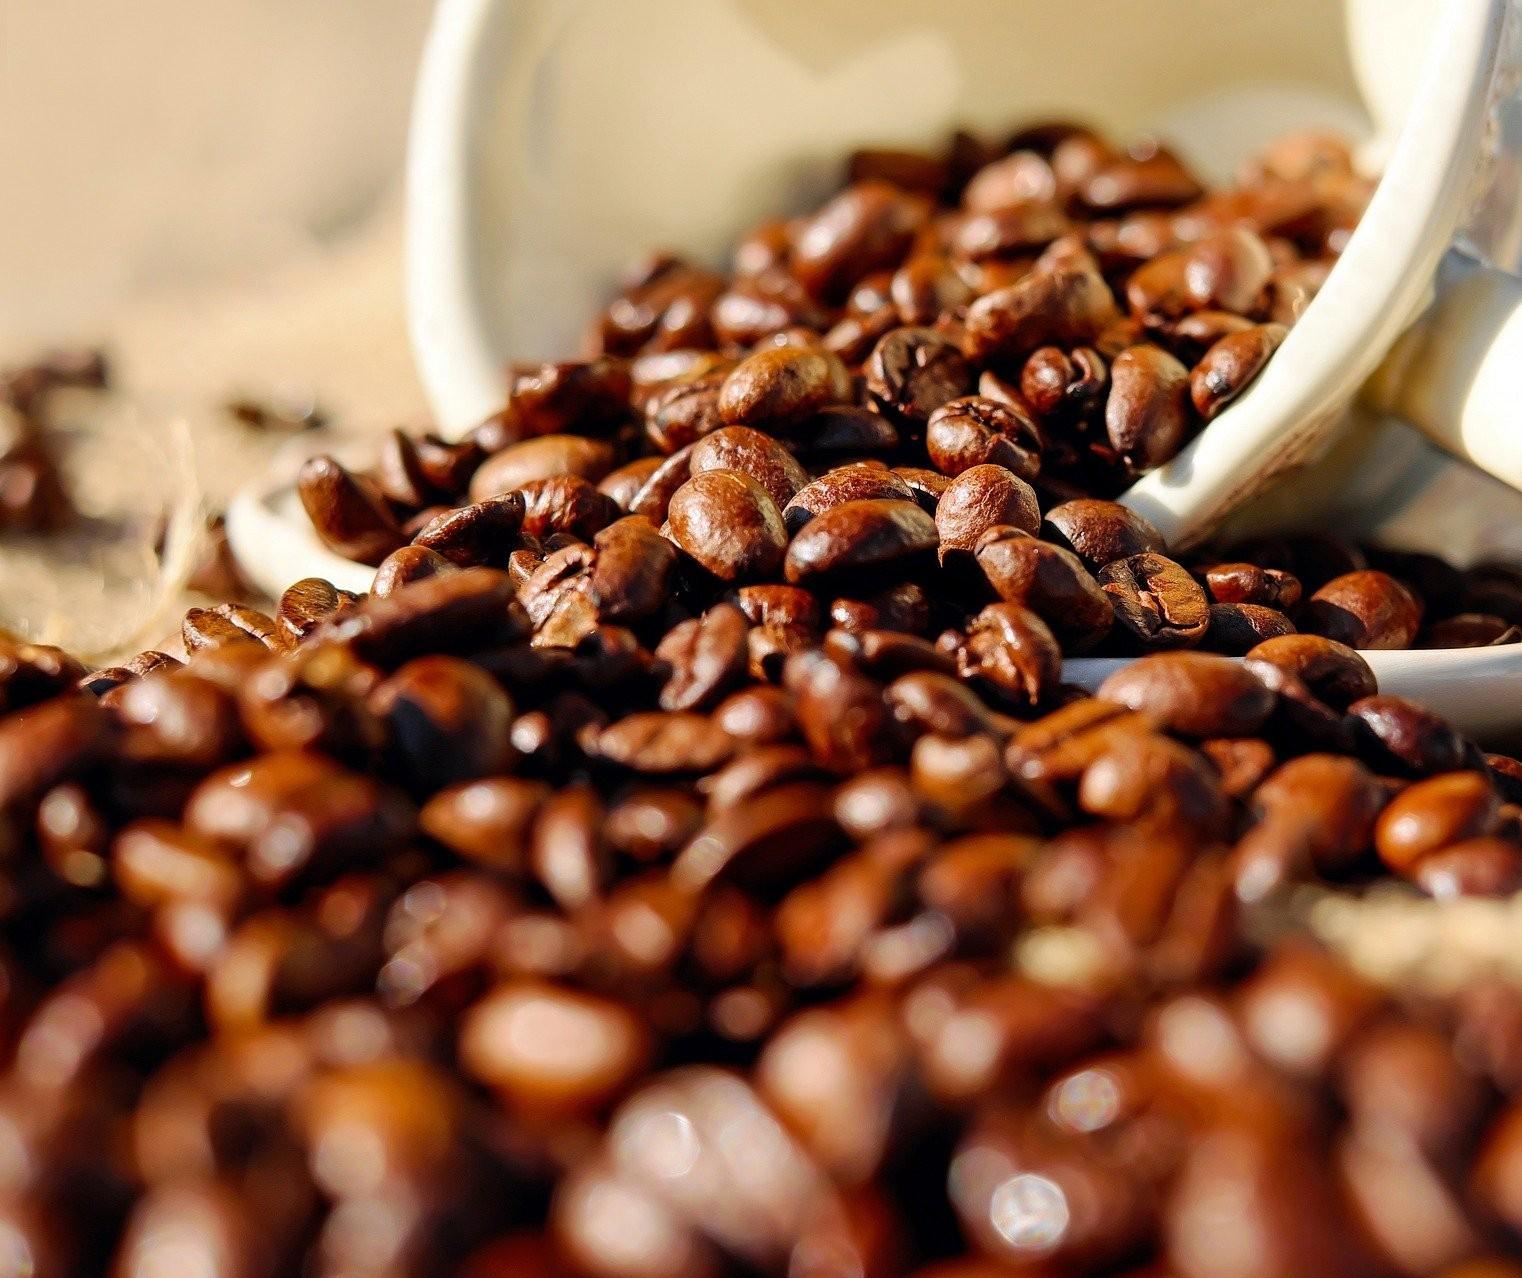 Produção de café do Brasil ocupa área de 1,8 milhão de hectares